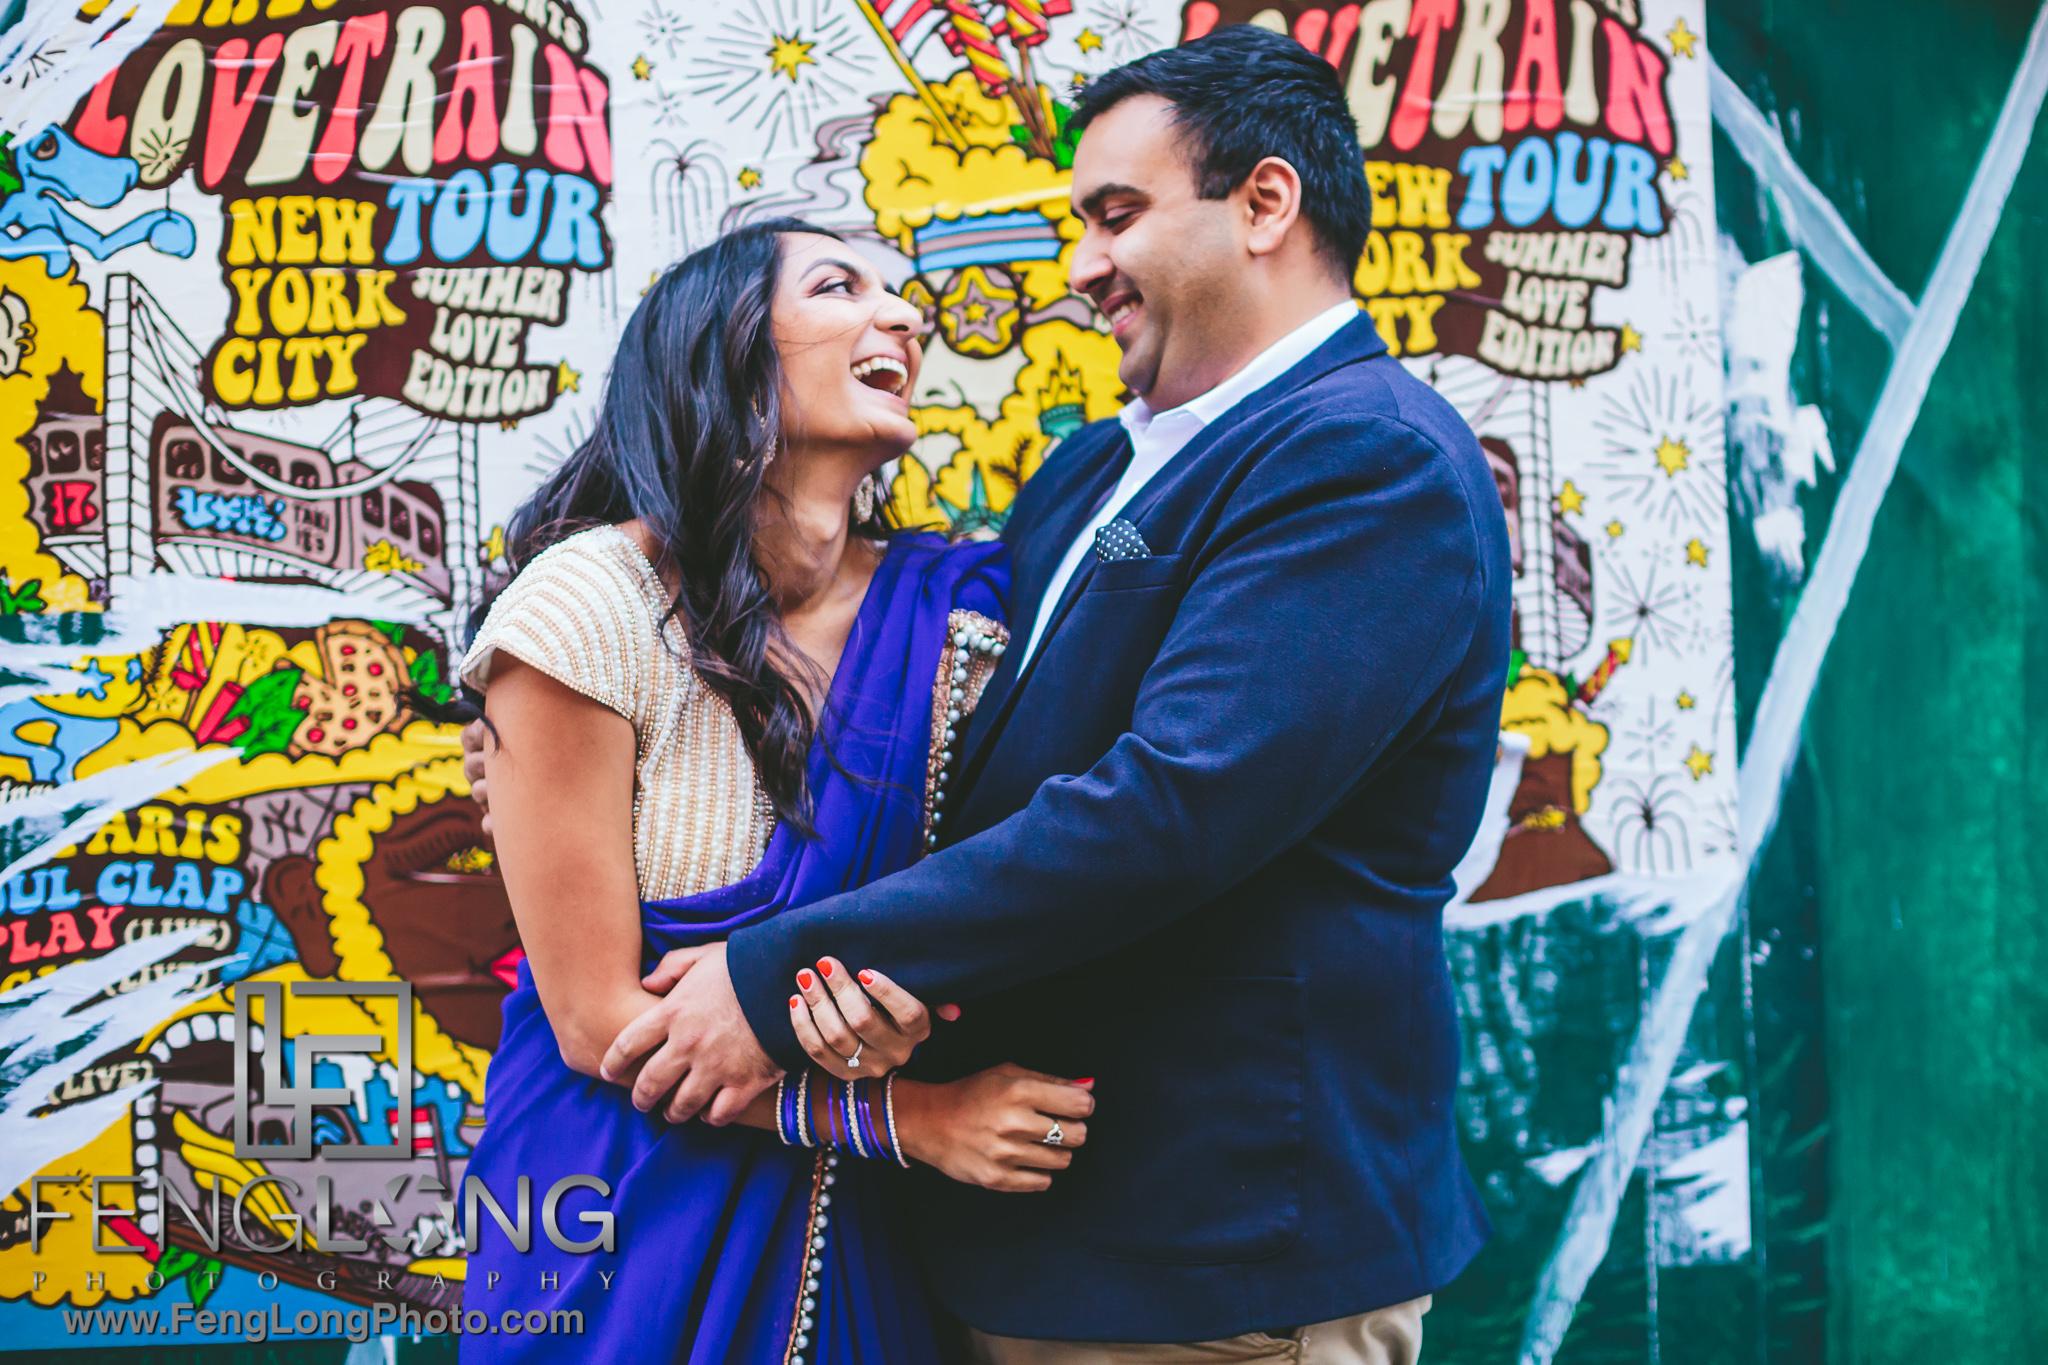 SoHo New York City Indian Engagement Session